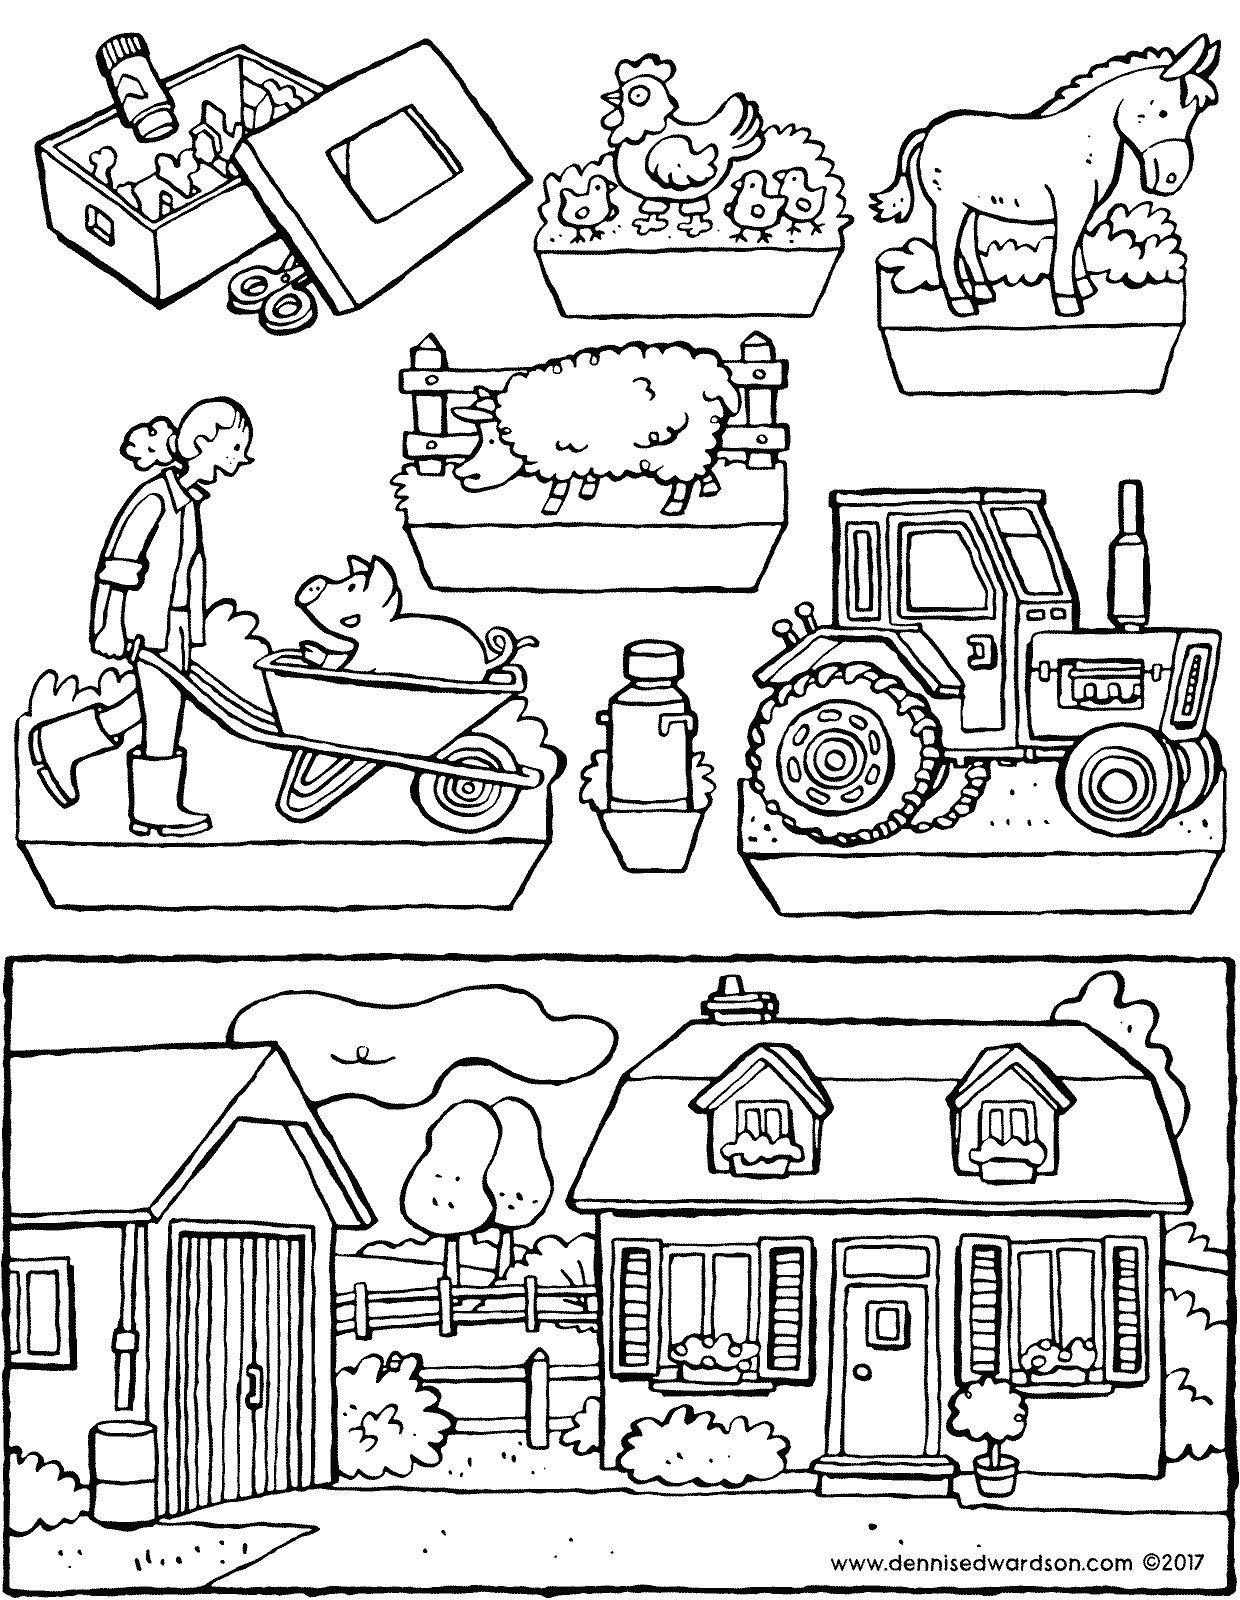 Ausmalbilder Zum Ausdrucken Radlader In 2020 Thema Bauernhof Ausmalbilder Zum Ausdrucken Ausmalbilder